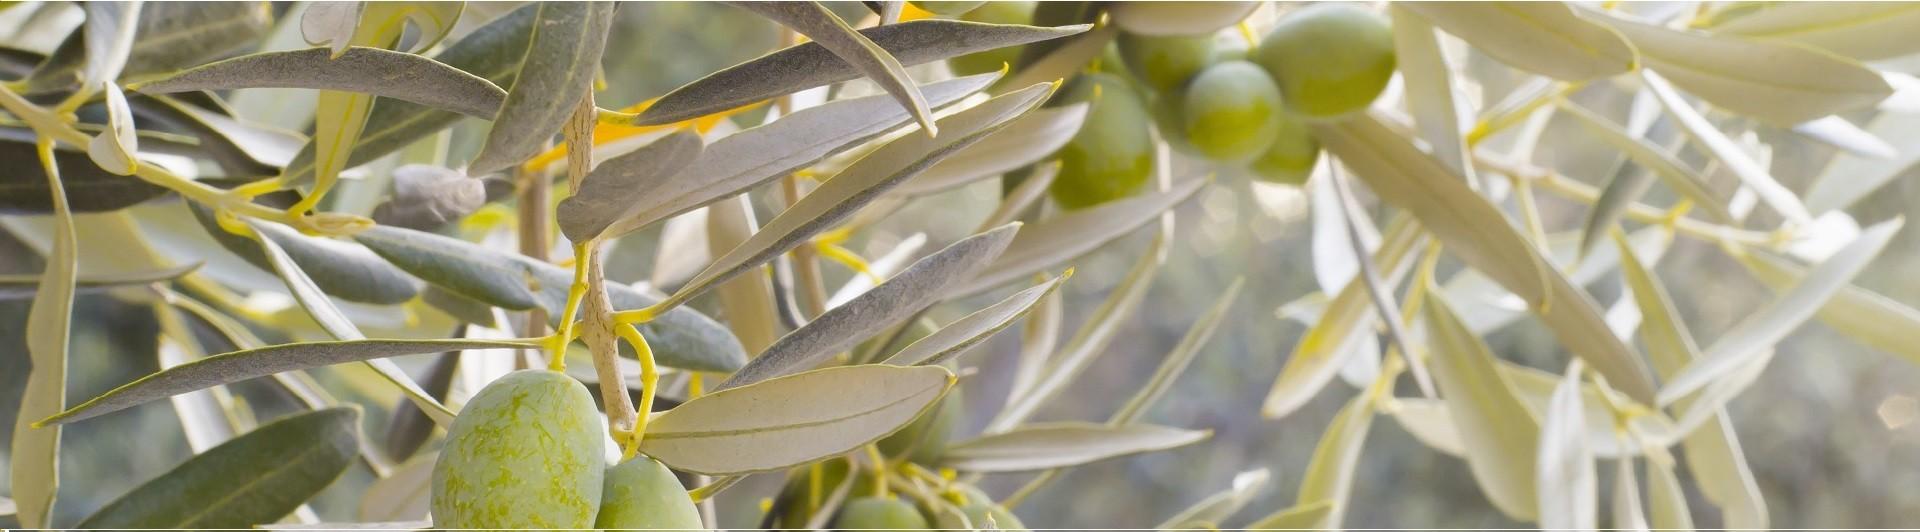 Bollettino settimanale sulla mosca dell'olivo